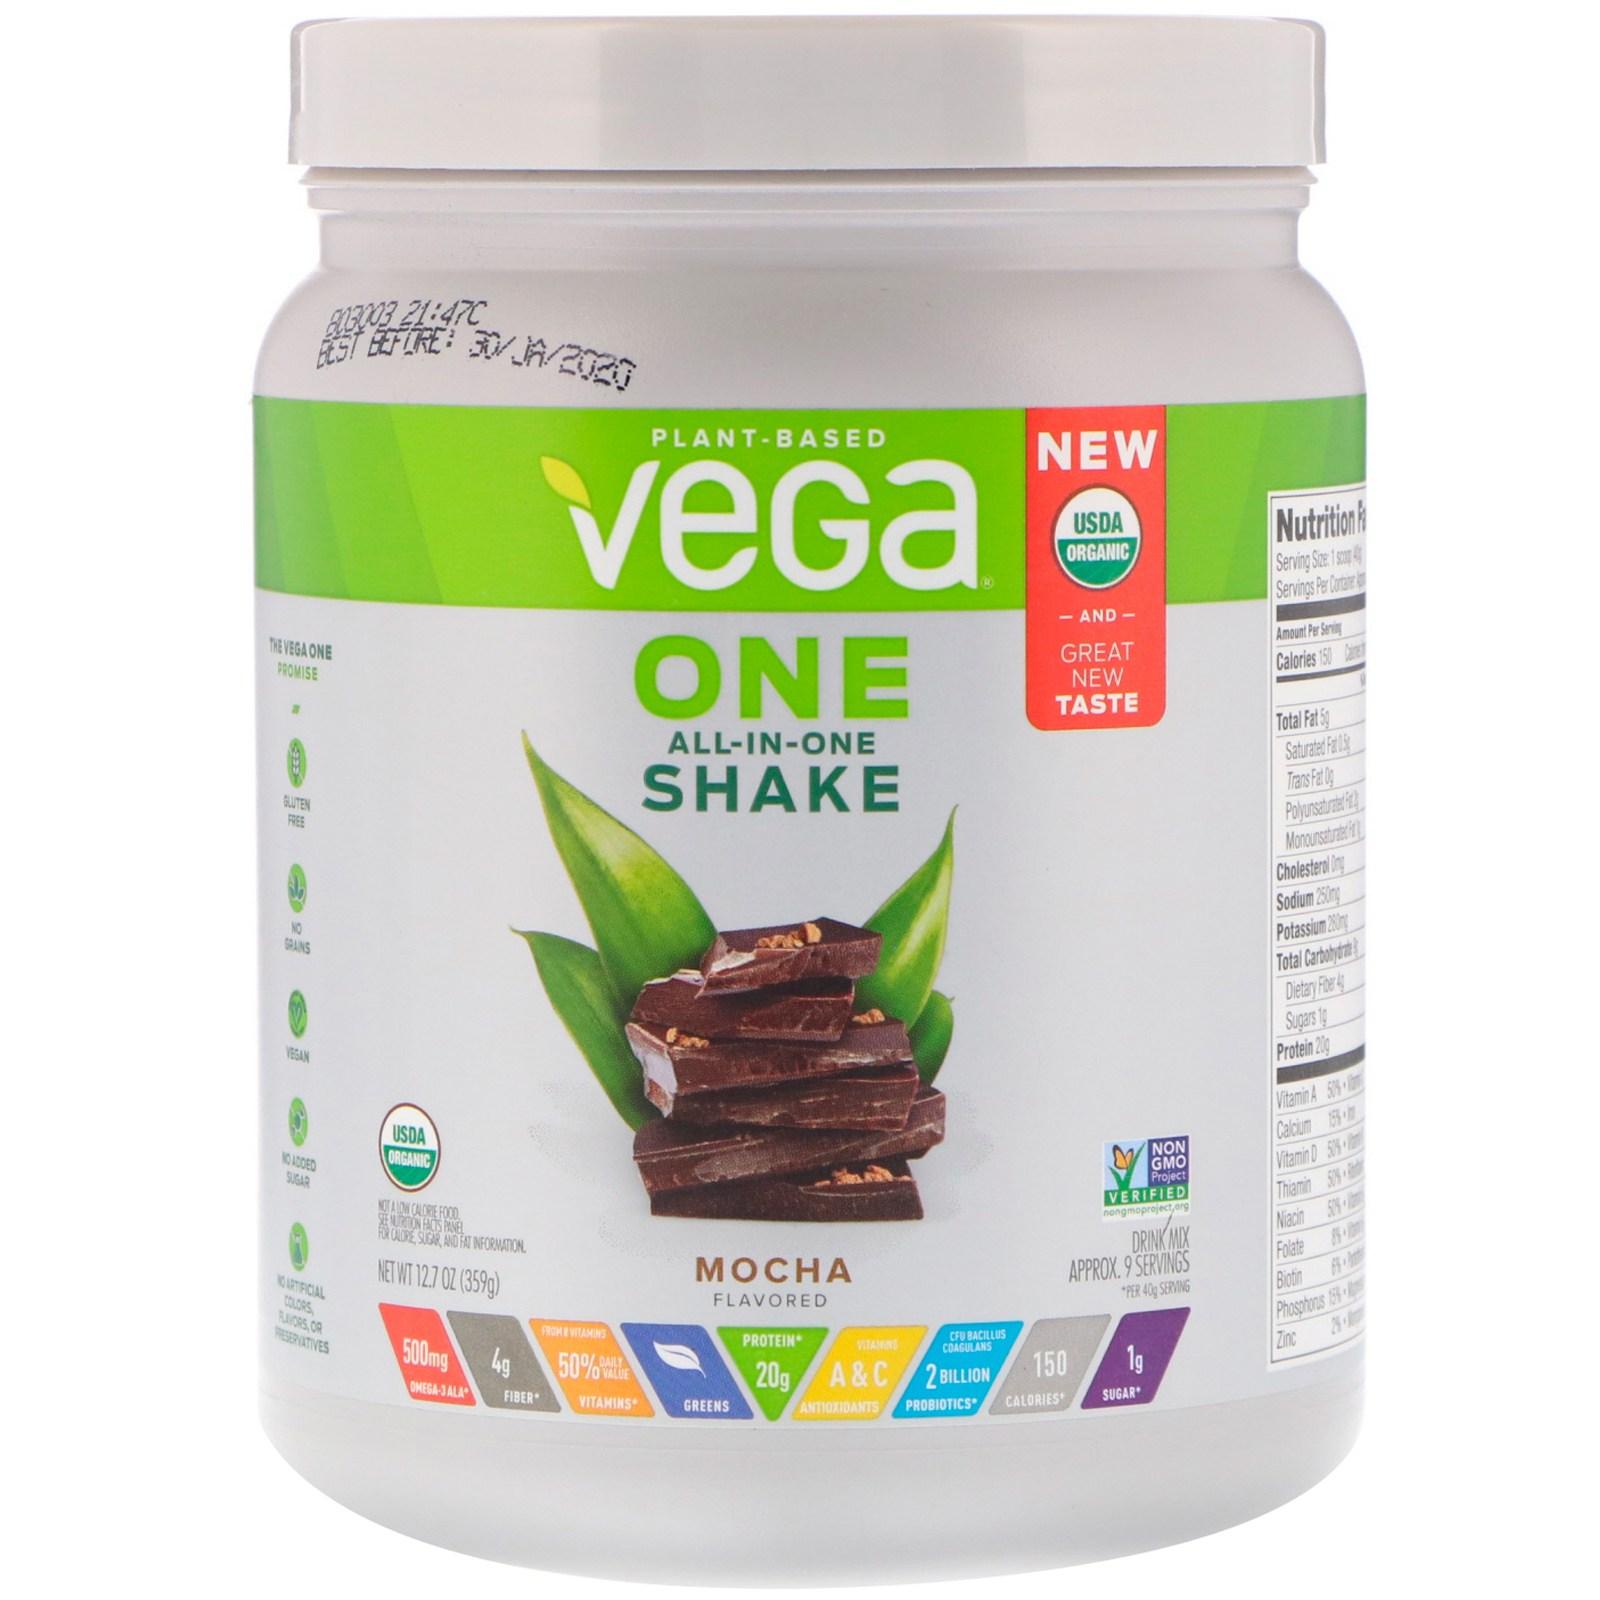 베가 원 올인원 쉐이크 모카 12.7 oz 359g 식물성 단백질, 1개, -